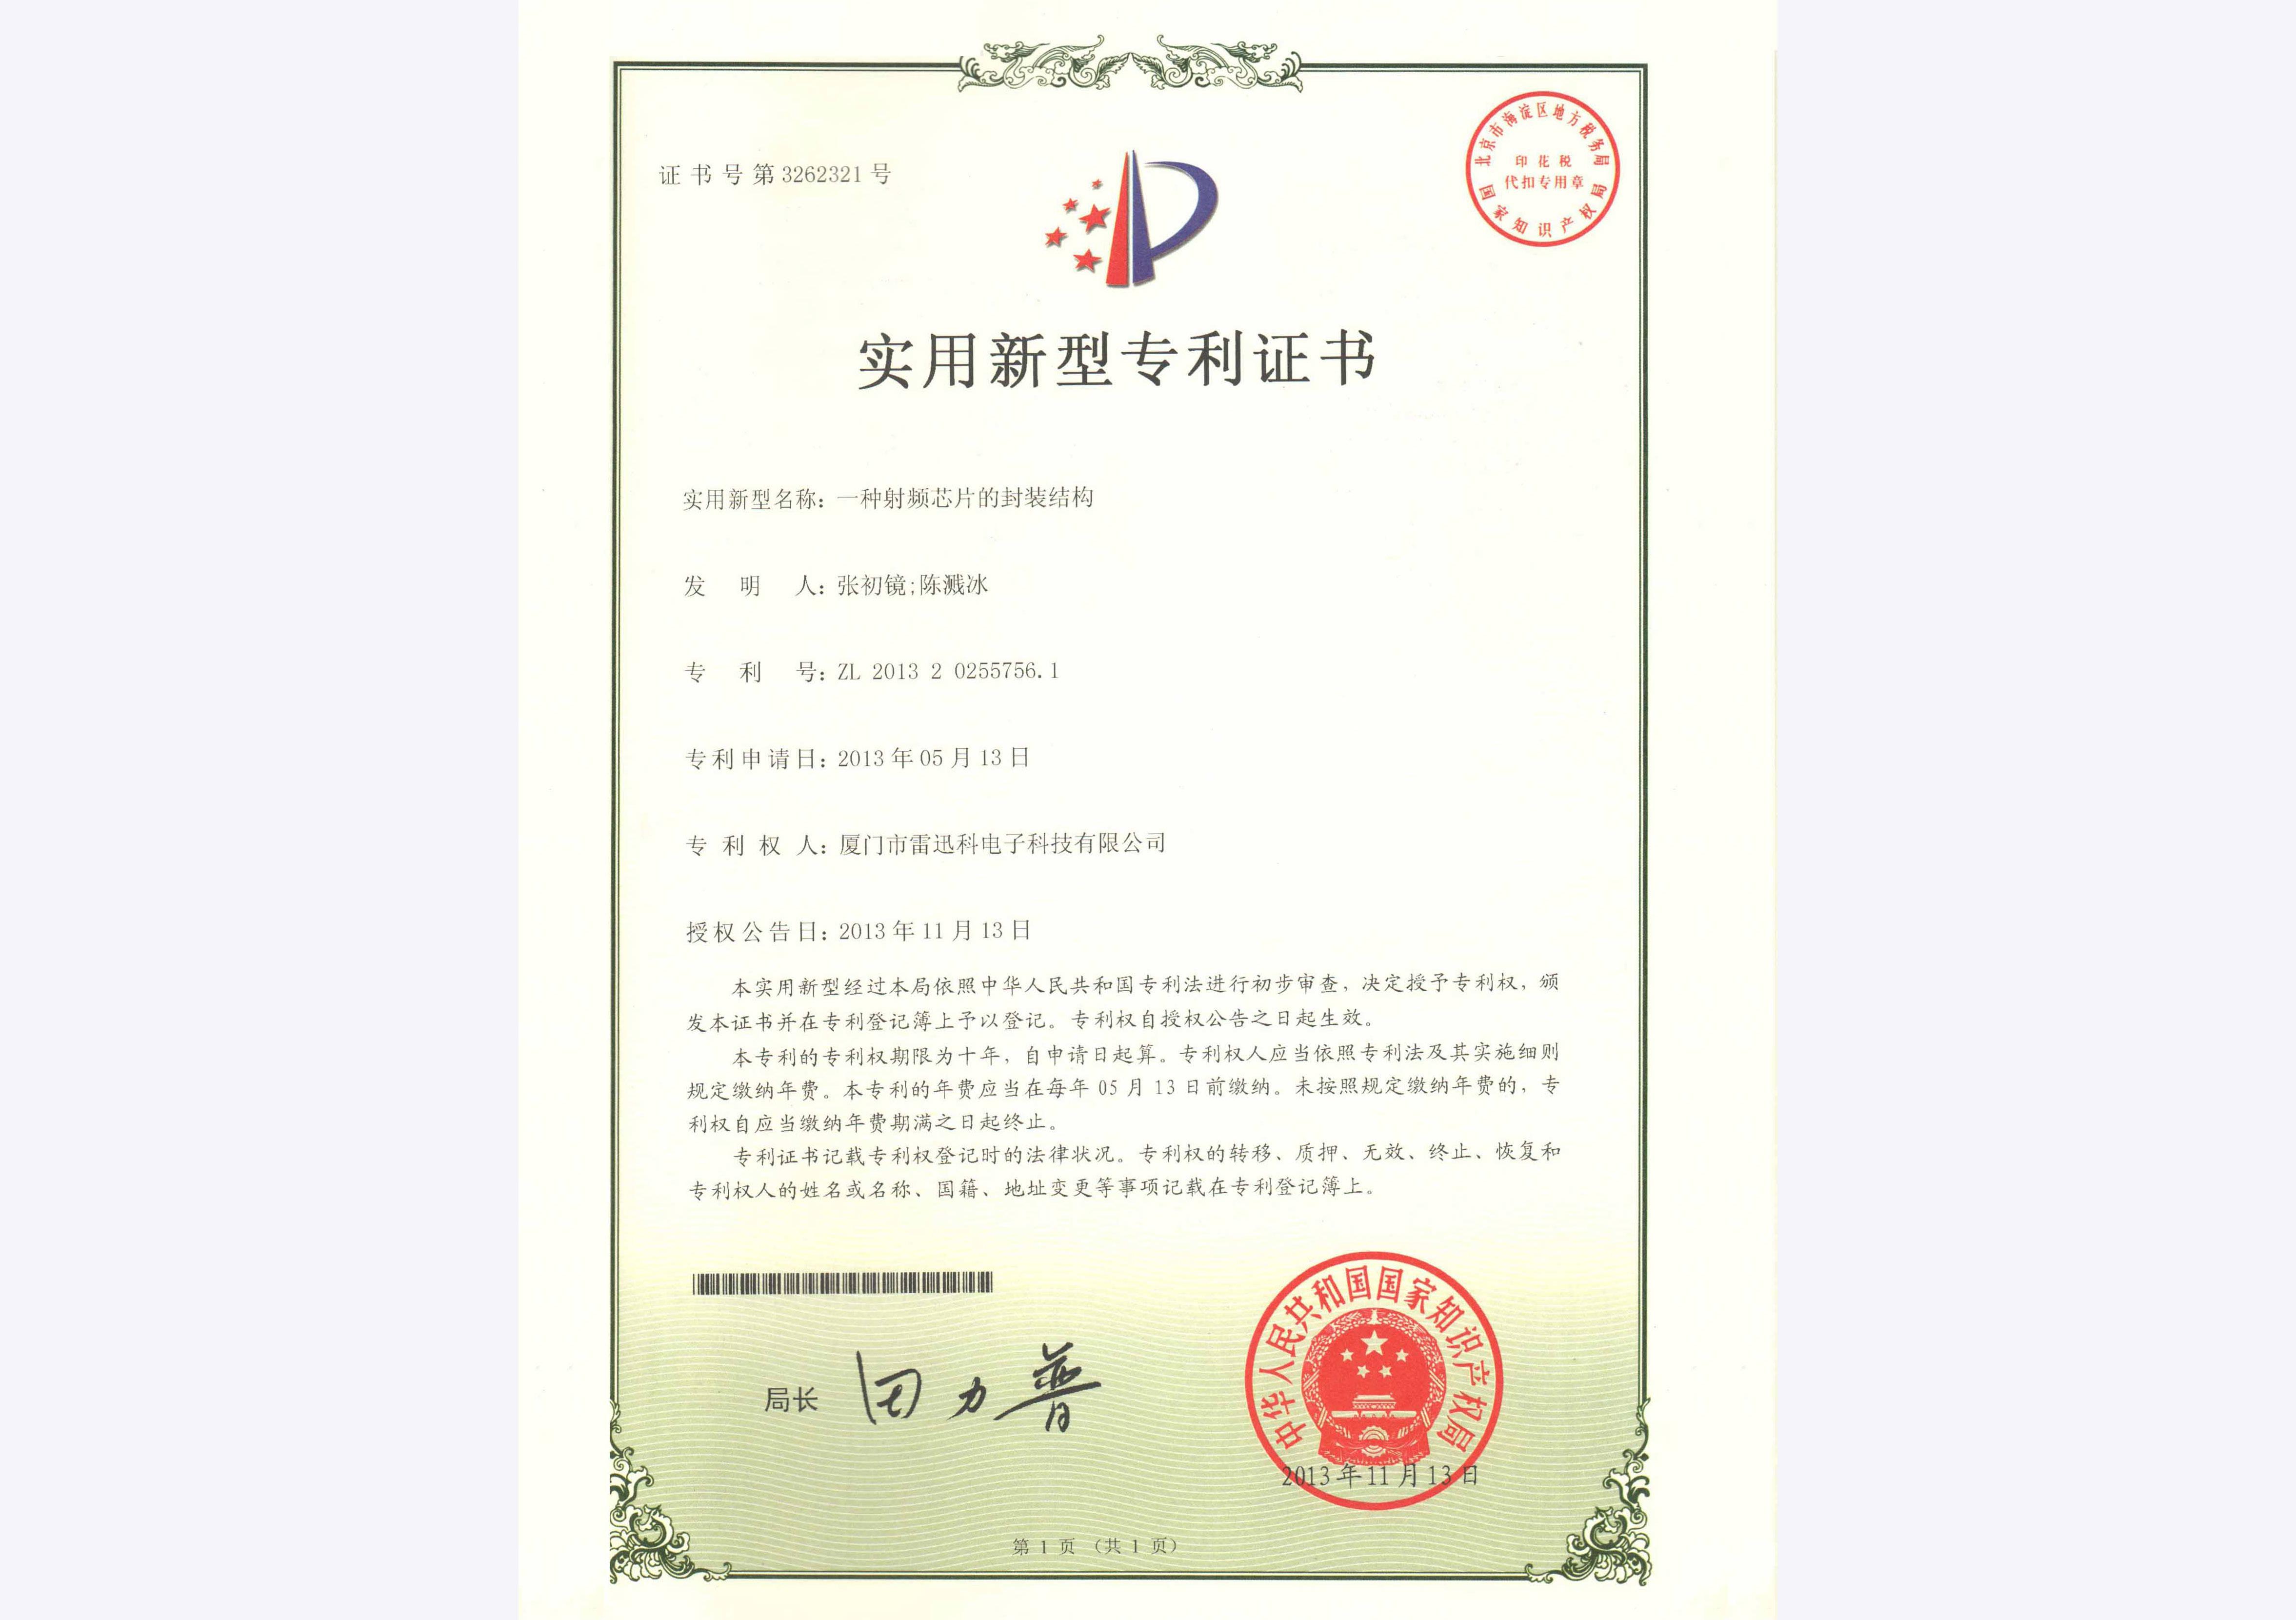 一种射频芯片的封装结构专利